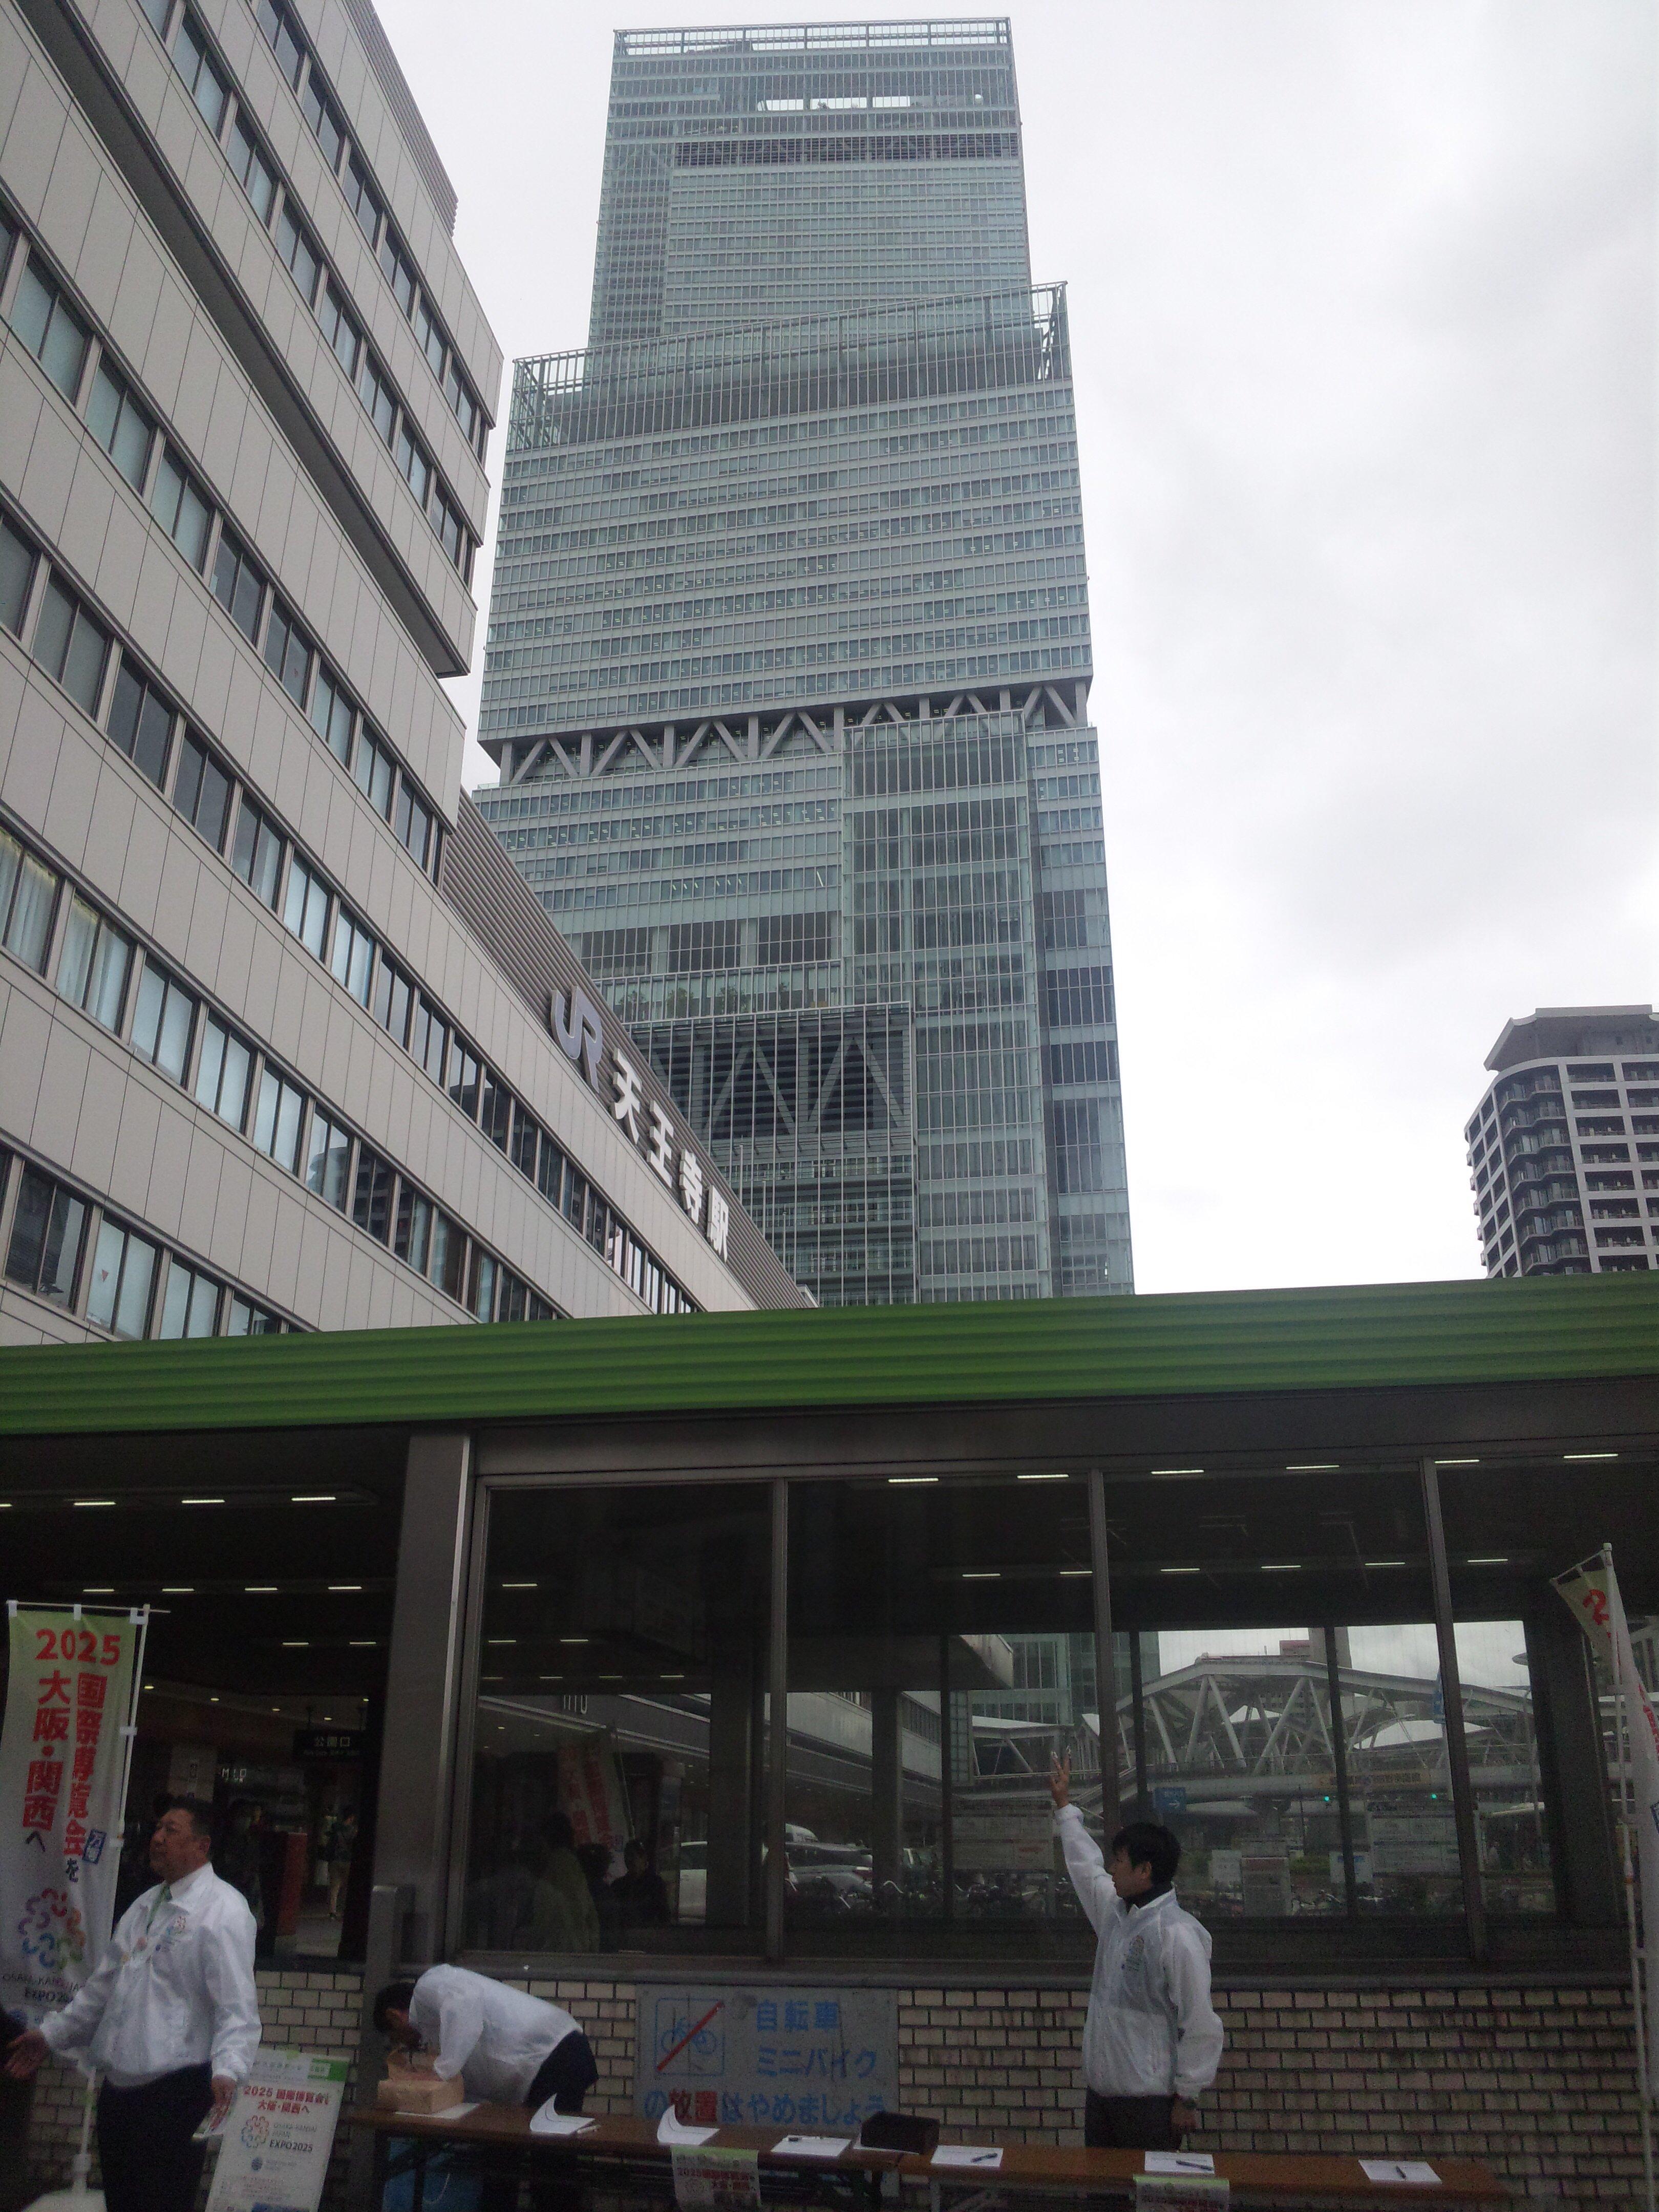 大阪万博誘致の署名活動!